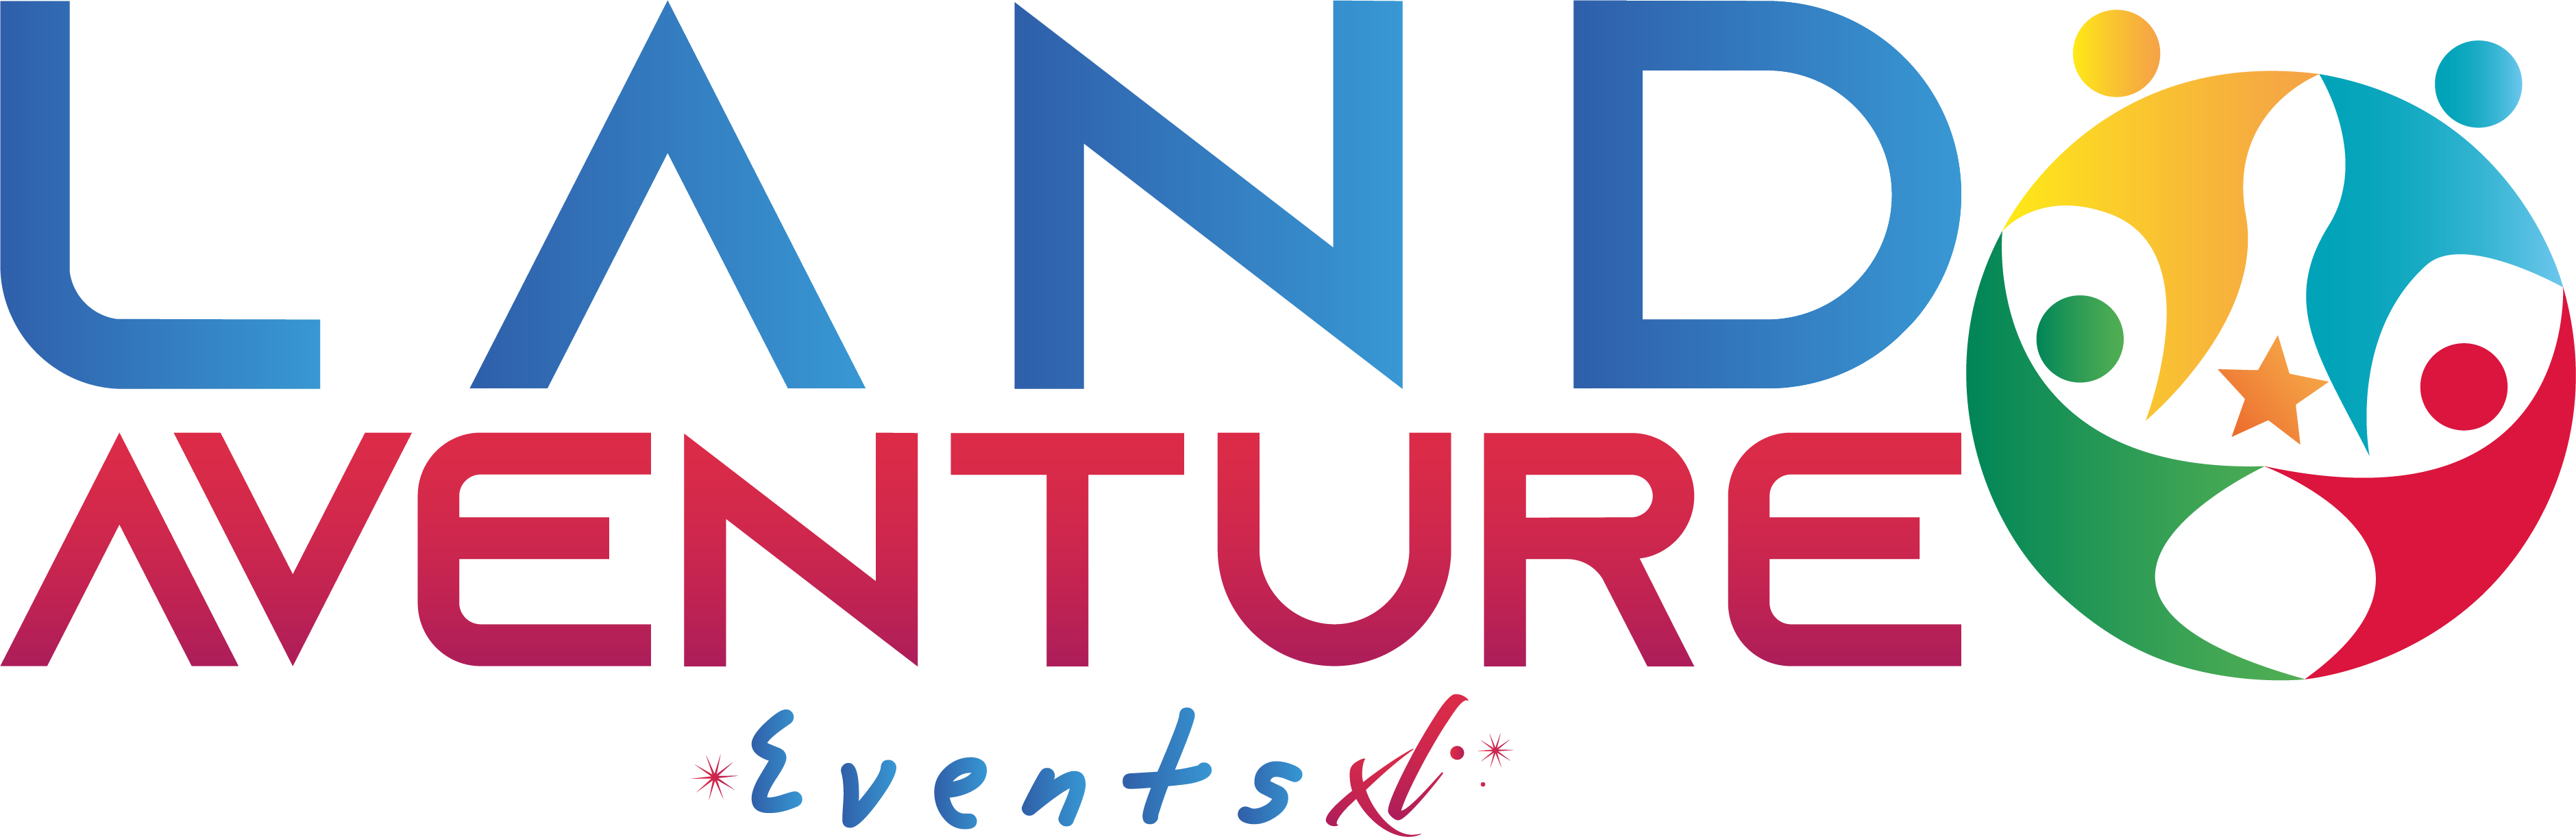 Land'aventure, agence événementielle dans le sud-ouest